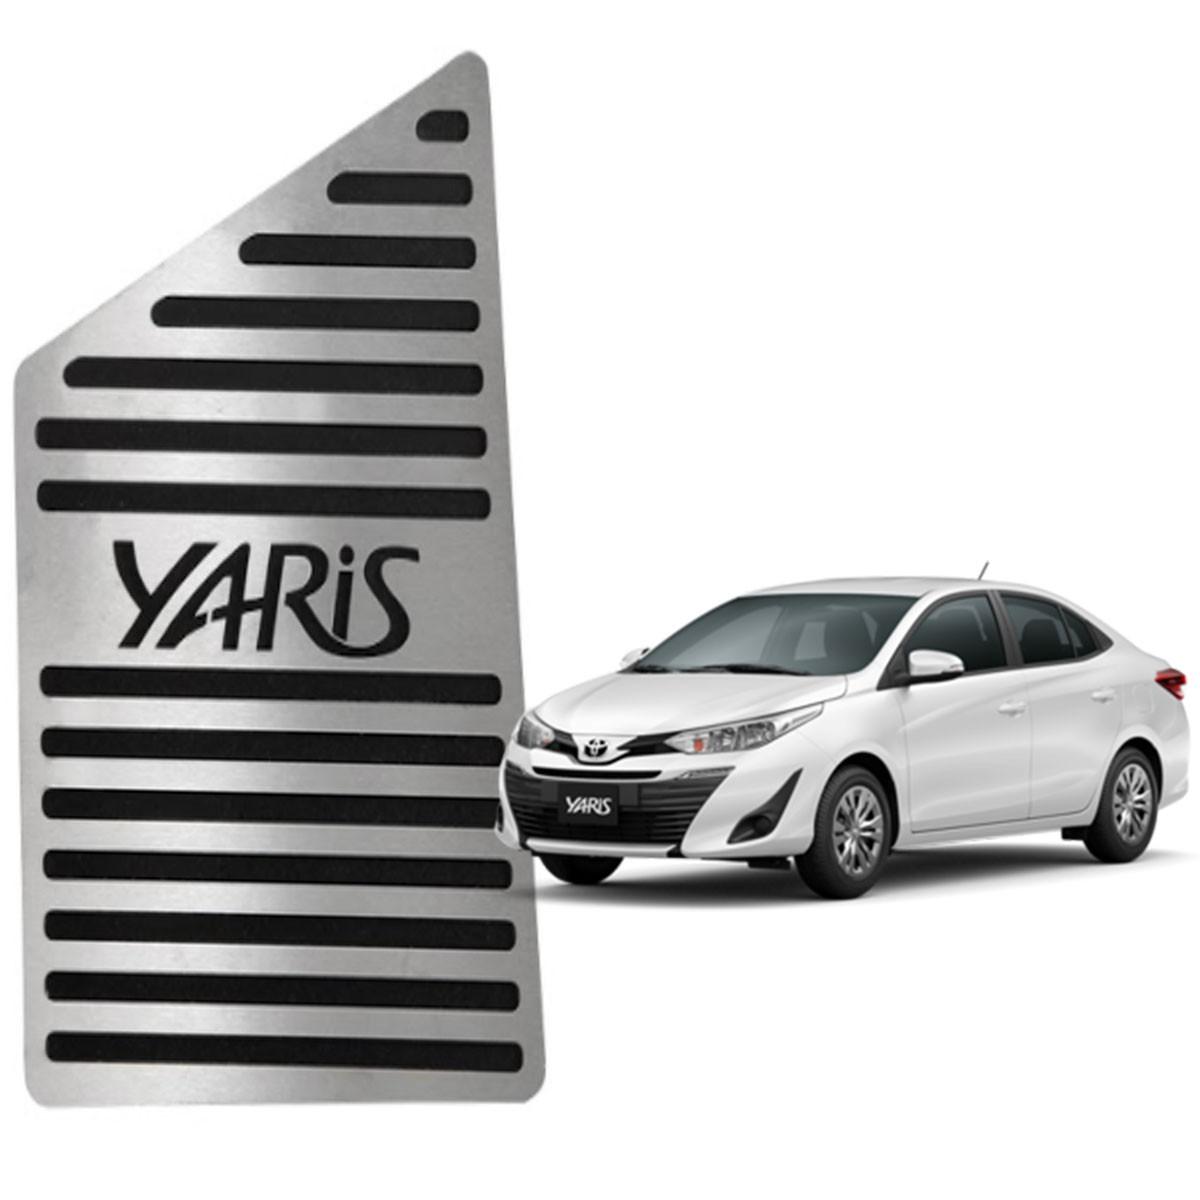 Descanso de Pé Toyota Yaris Aço Inox Escovado